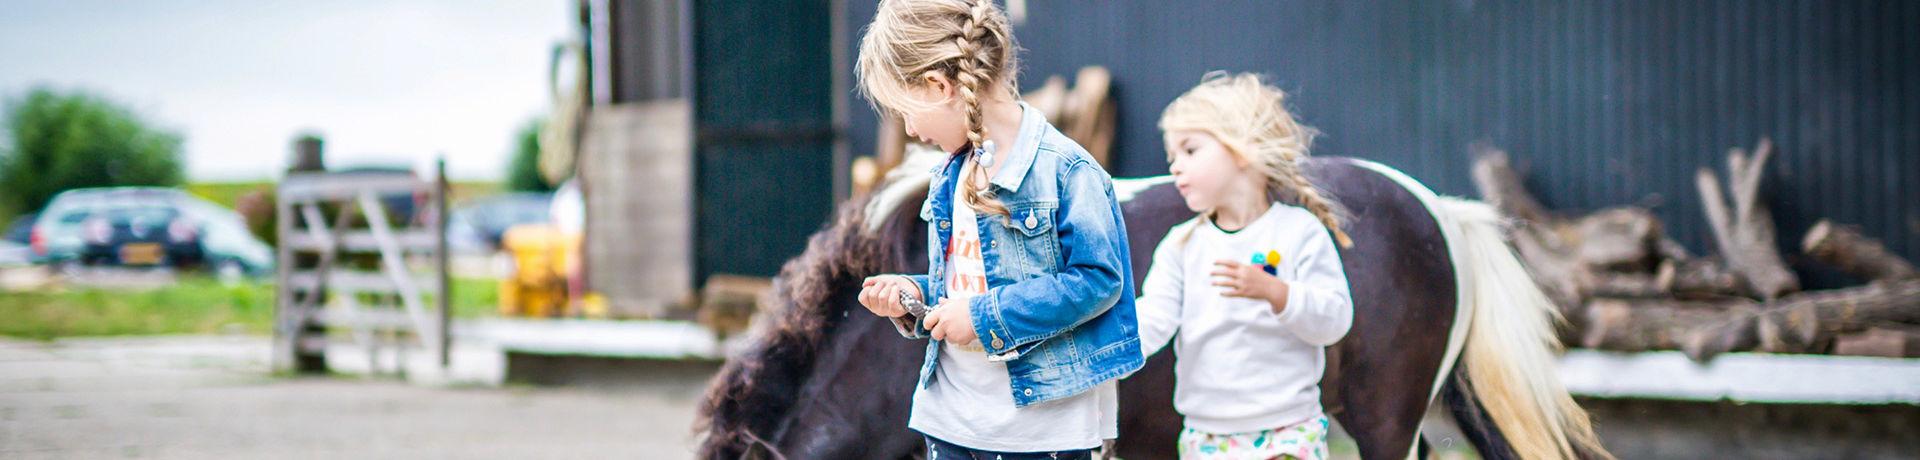 Op FarmCamps Five Star boerderij in Zeeland logeer je in een luxe Safari- of Lodgetent. De kids kunnen heerlijk rondstruinen en meehelpen op het erf.